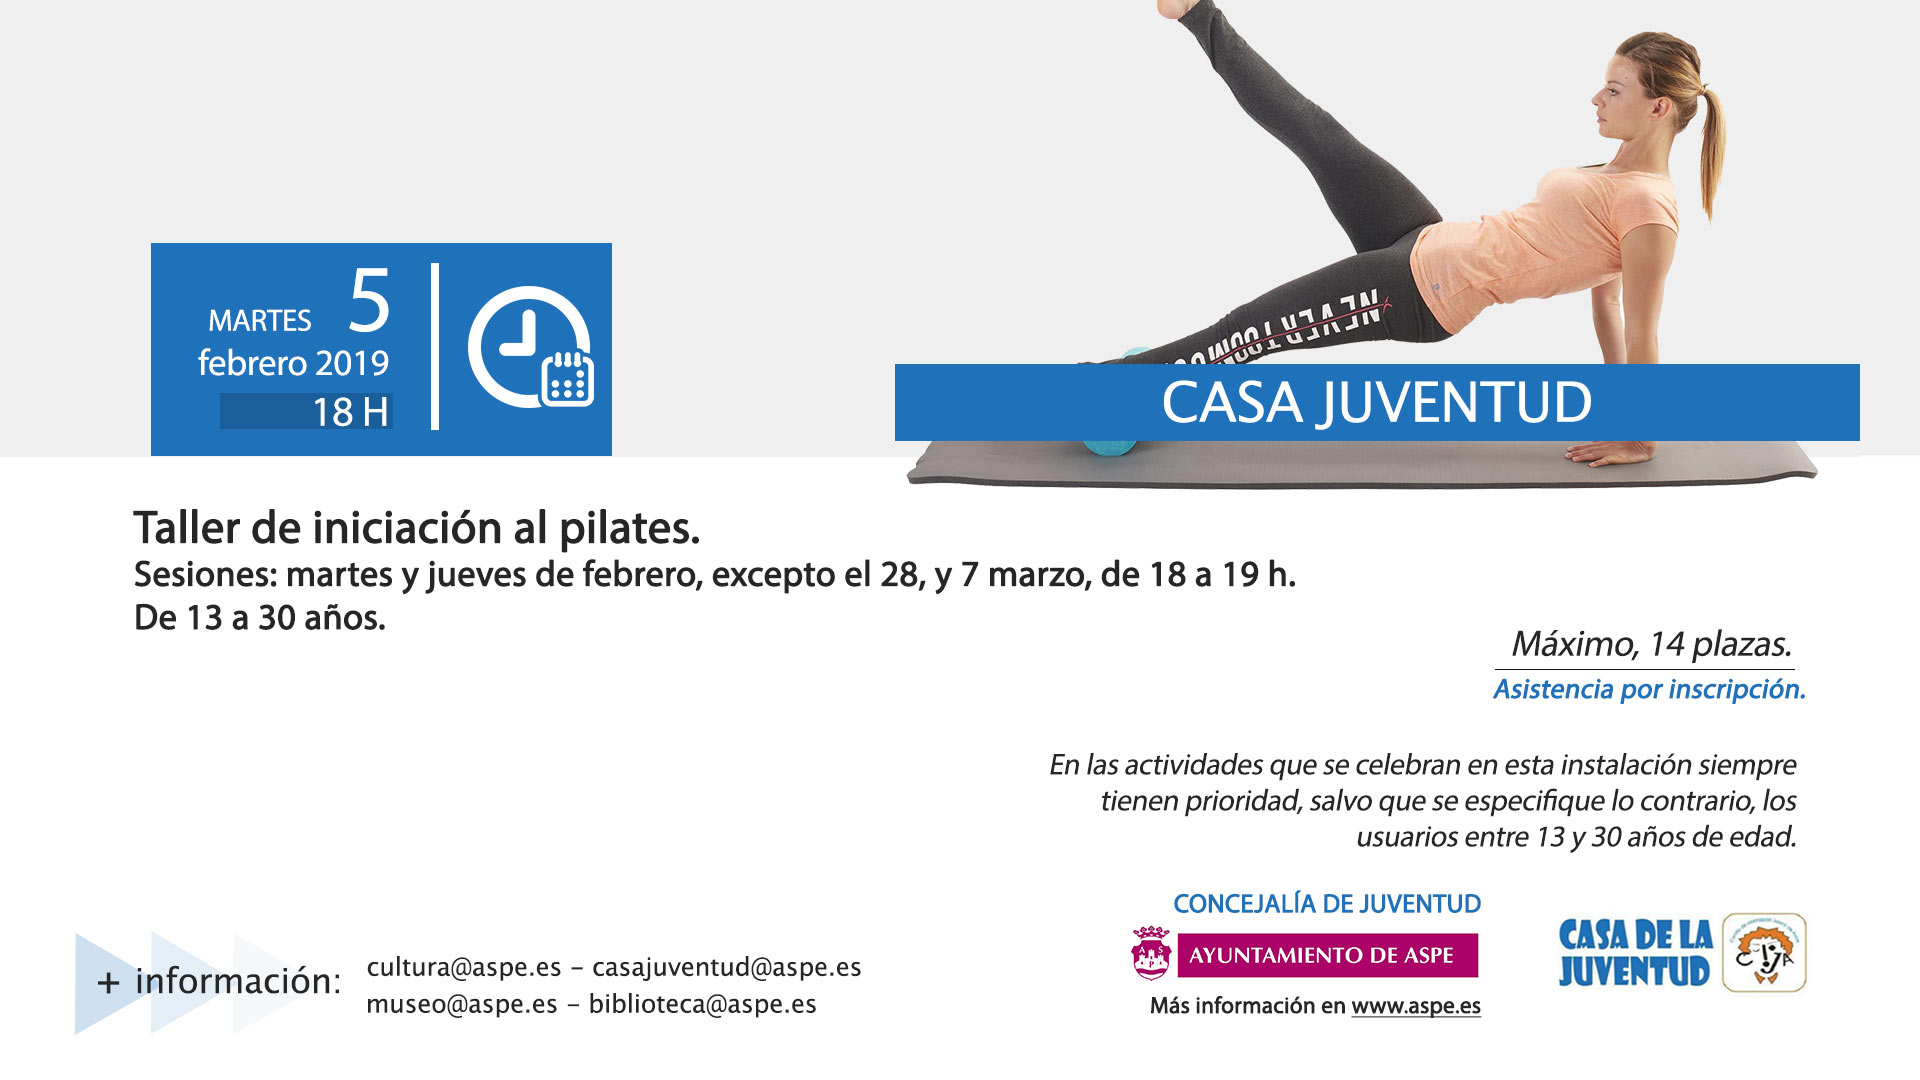 Taller De Iniciación Al Pilates En Casa Juventud Ayuntamiento De Aspe